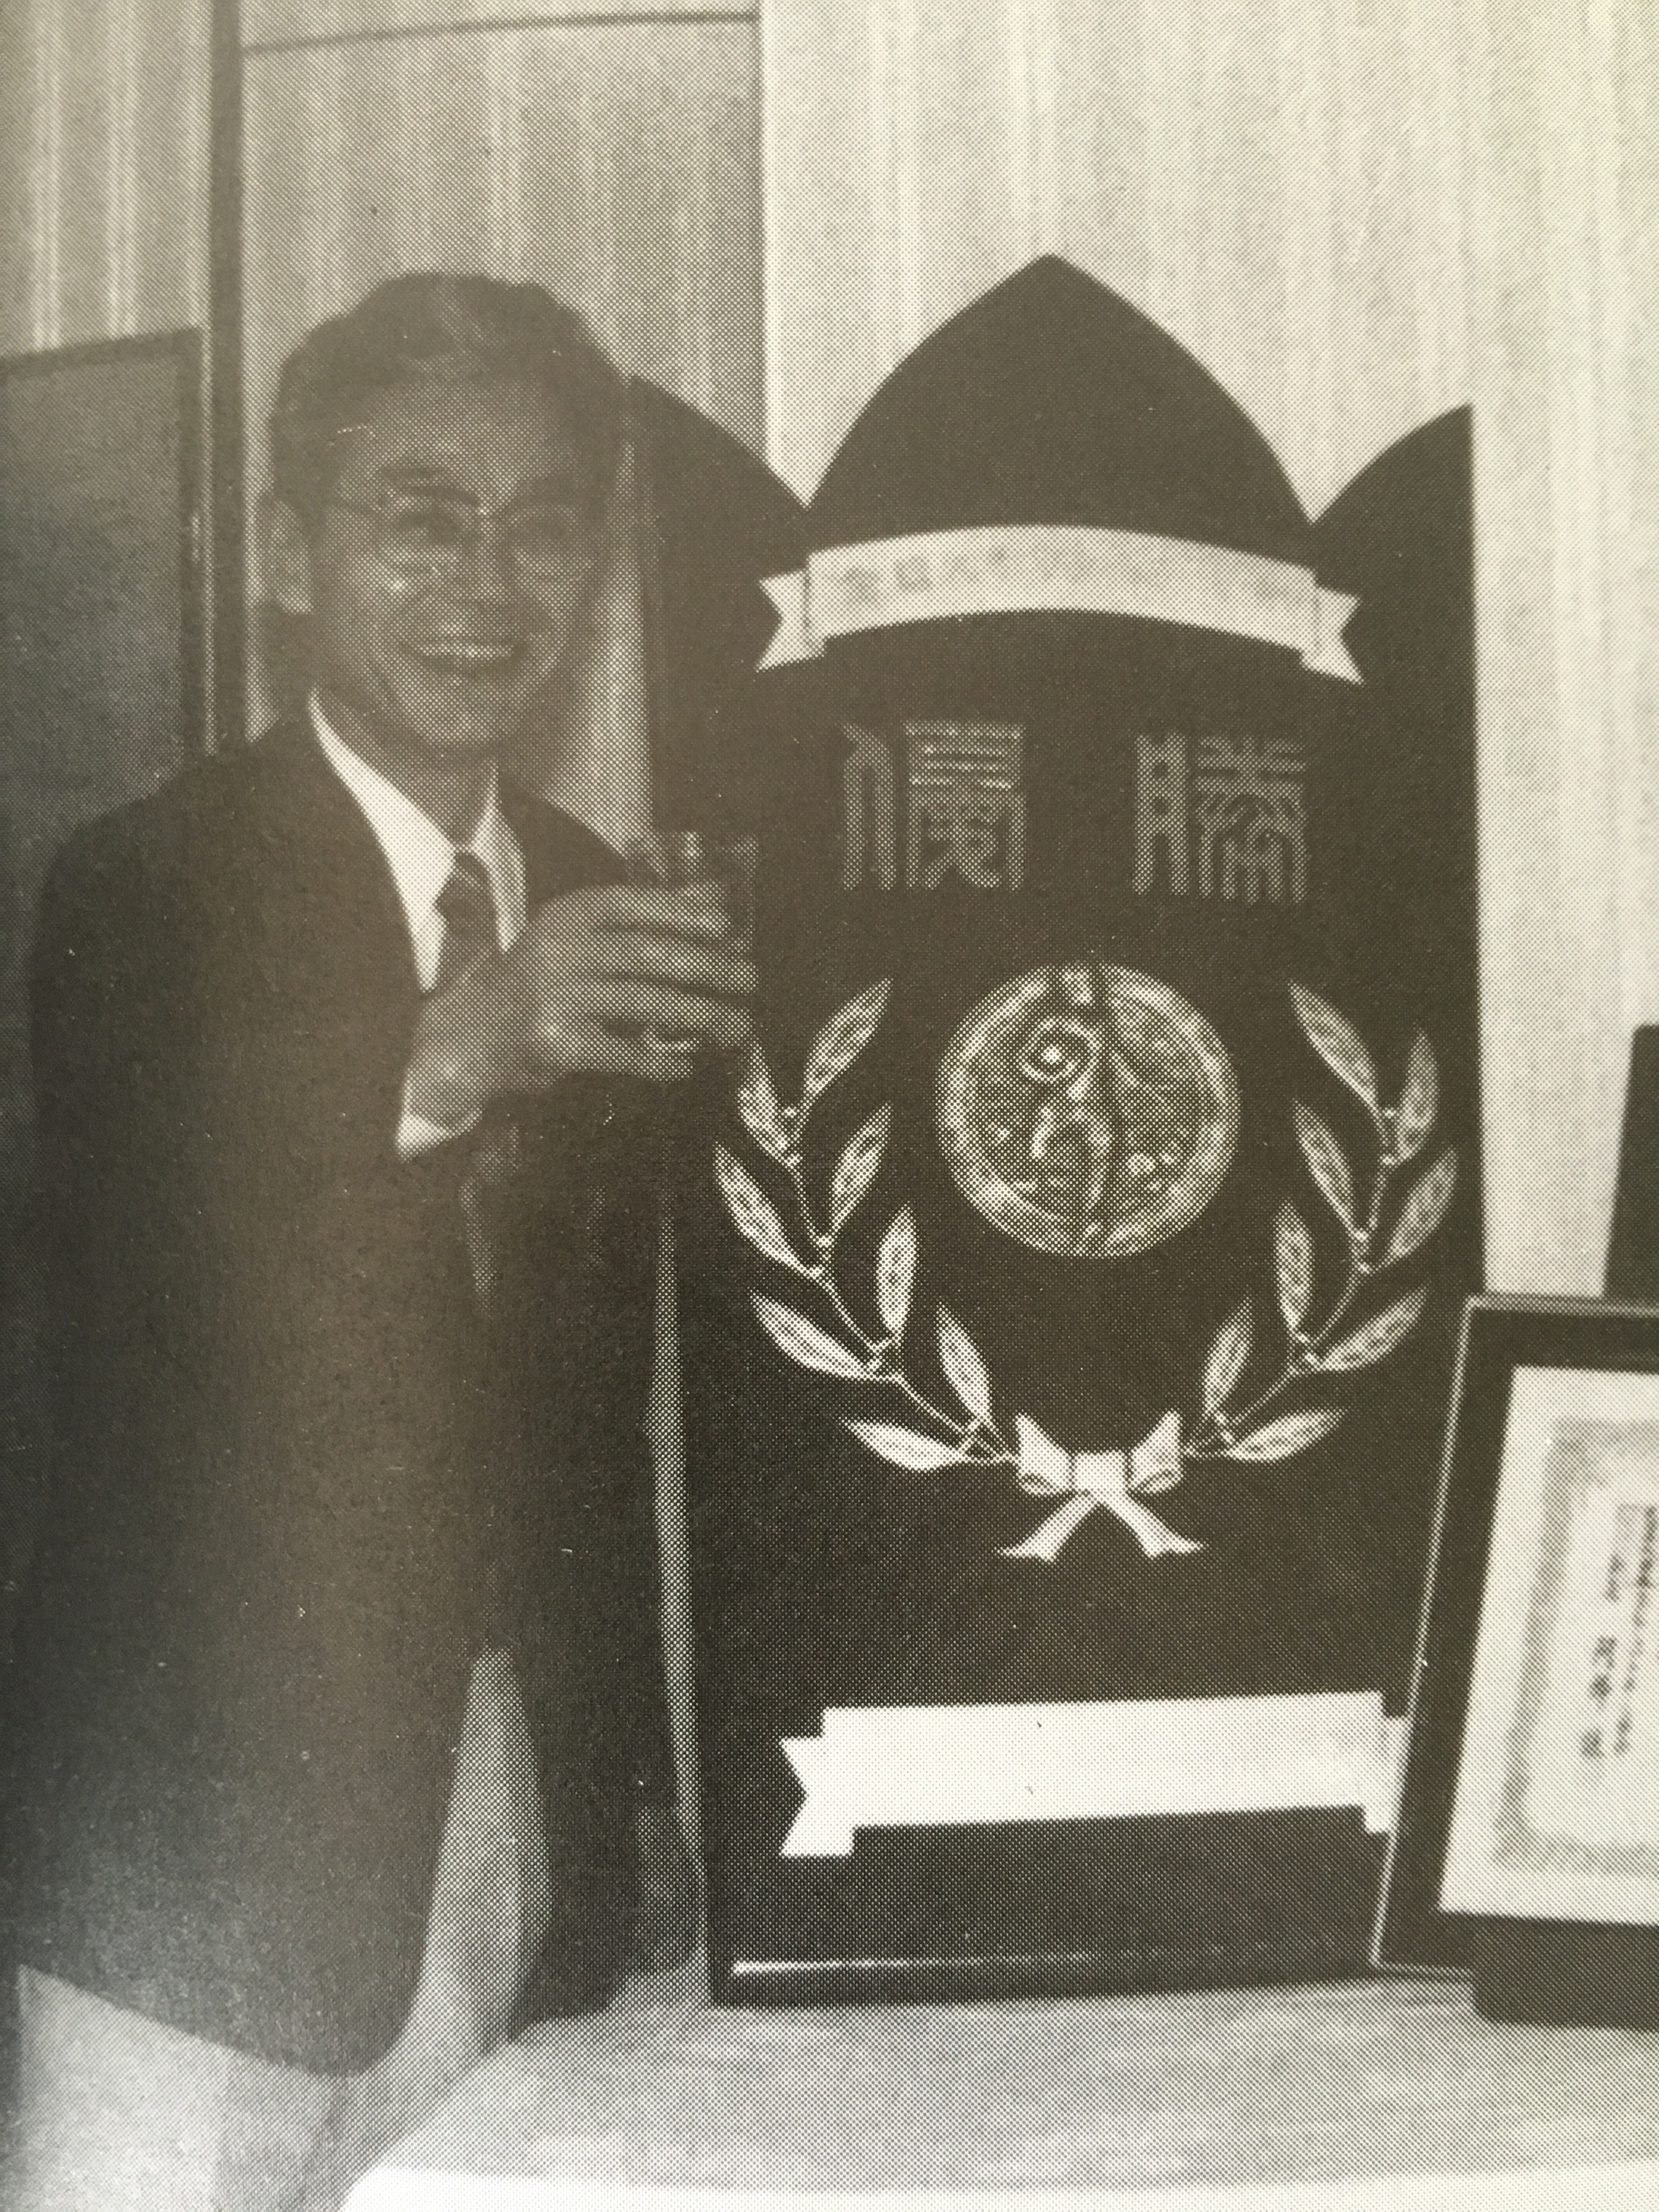 僕が現役当時の佐藤先生。昭和60年、全国優勝の盾を前にご機嫌。